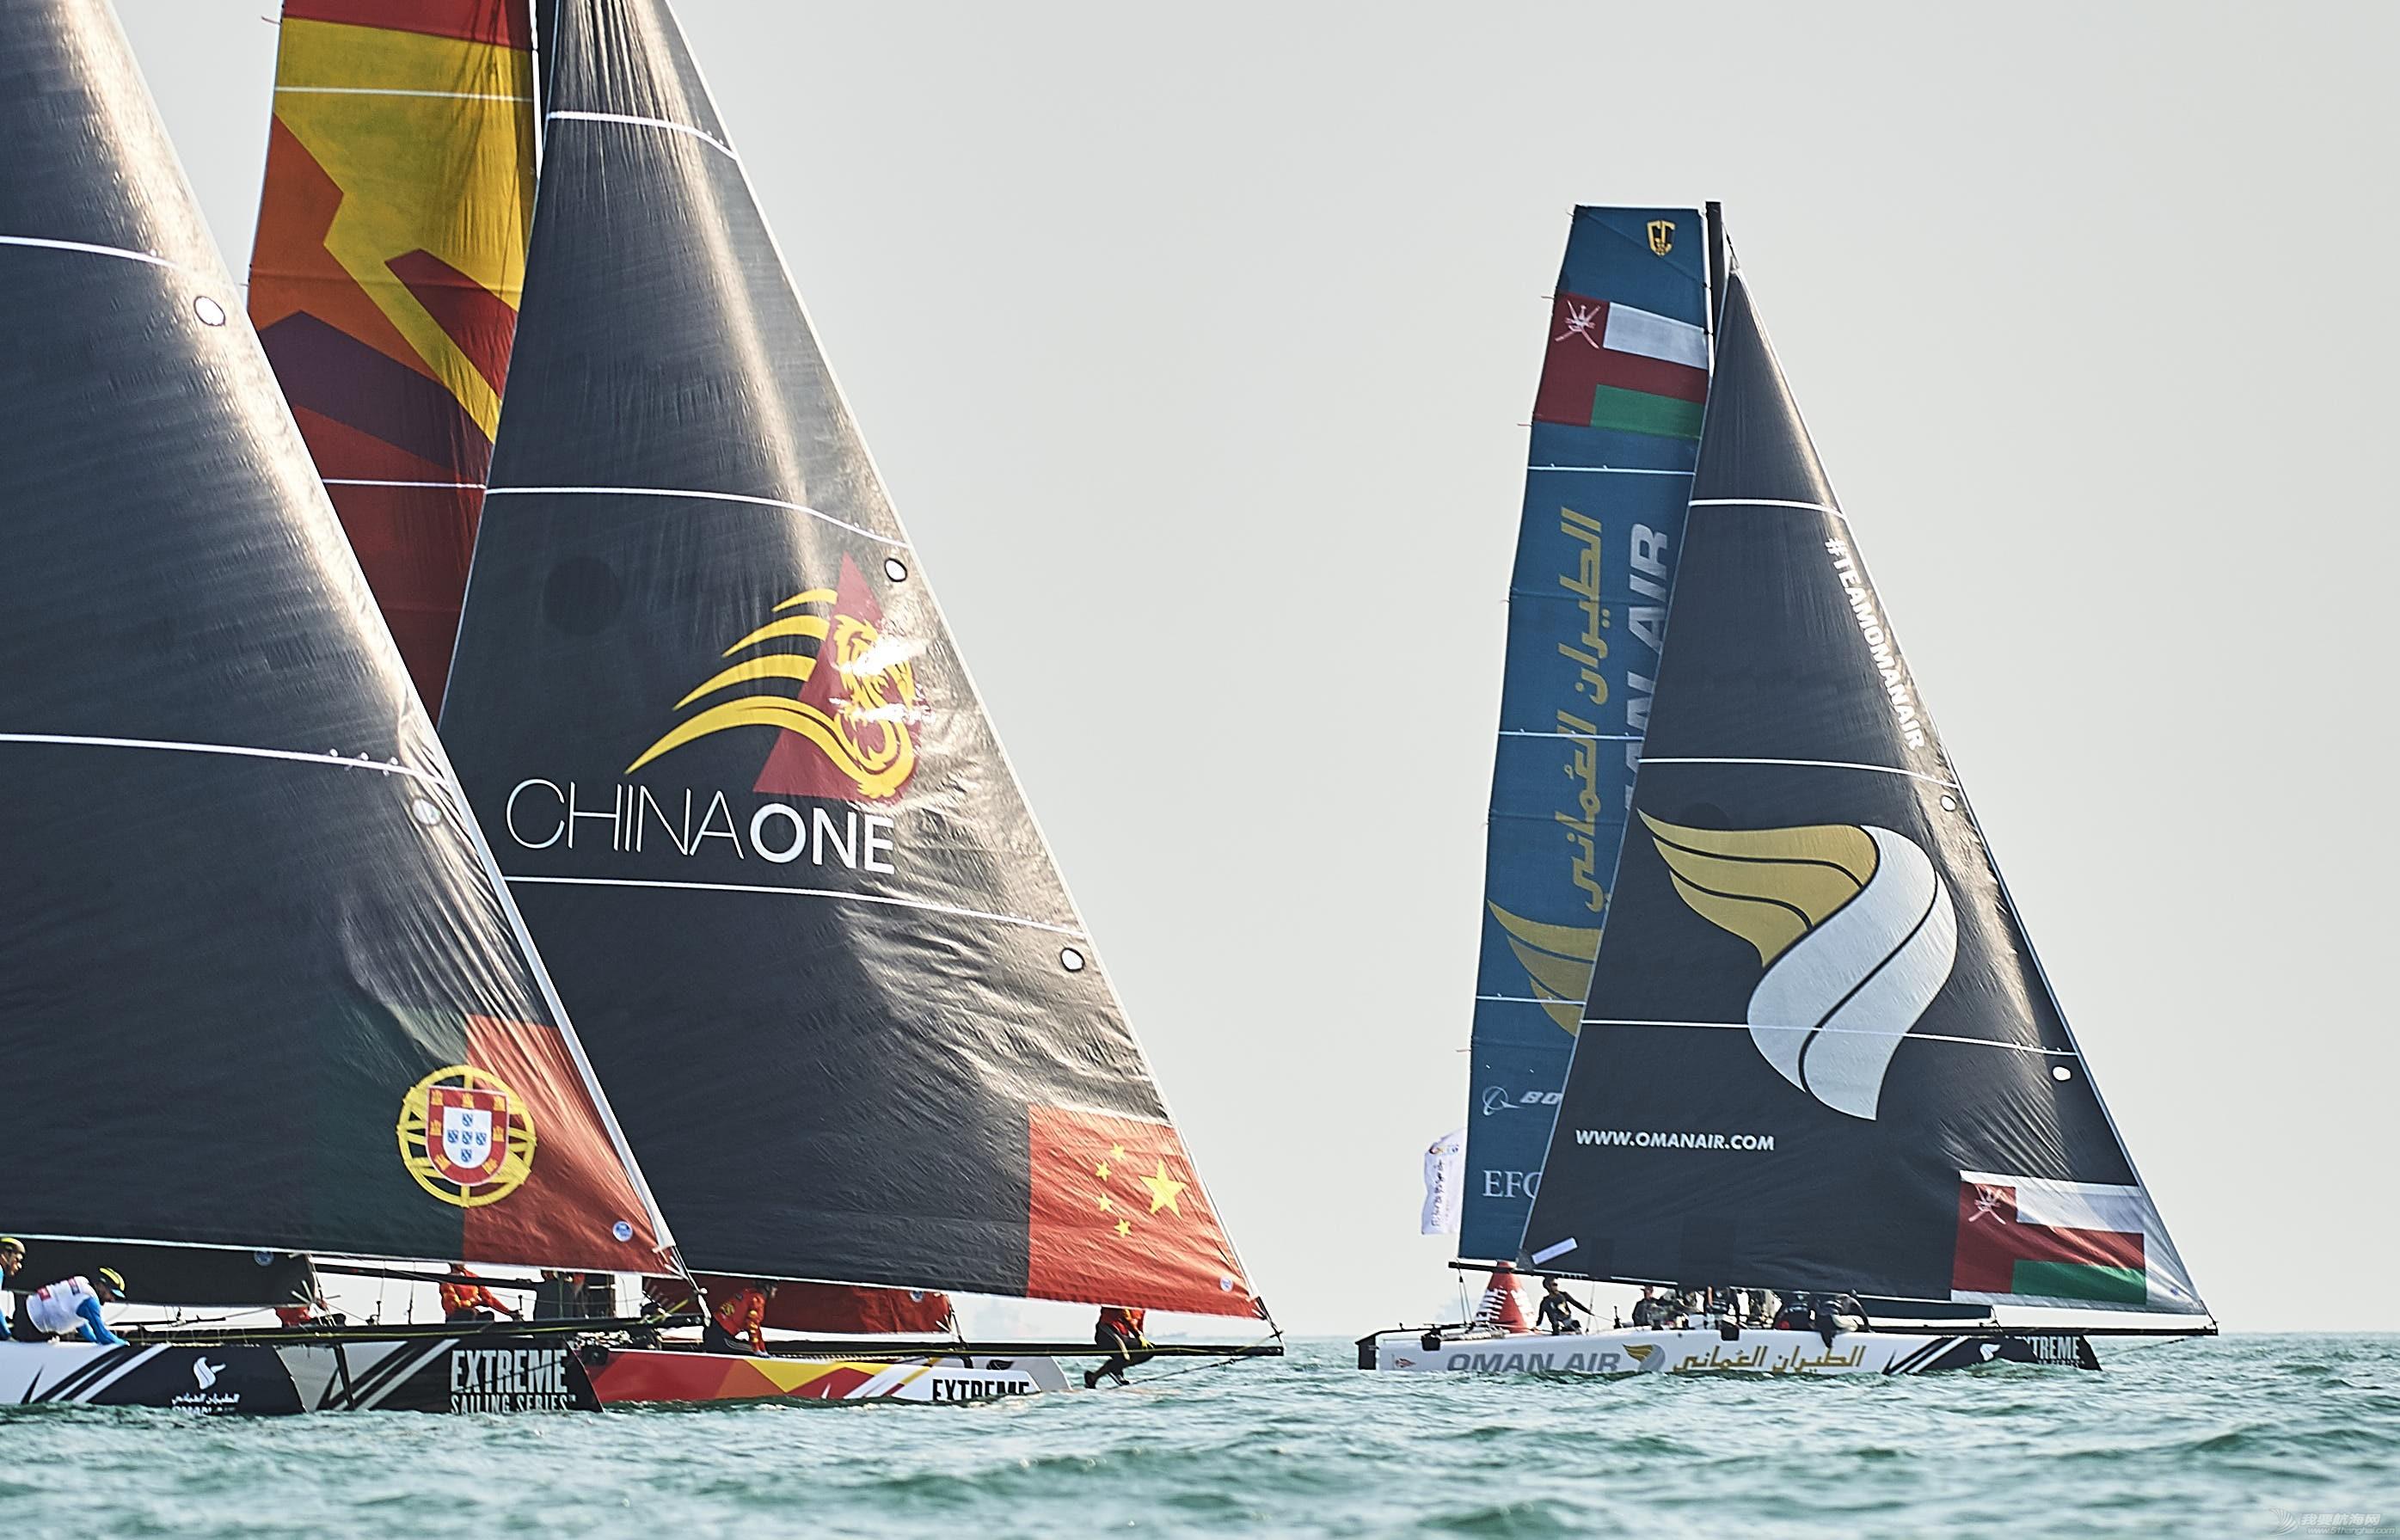 极限帆船系列赛青岛站赛程过半  冠军船队阿曼航空队展现实力 浠婂勾China